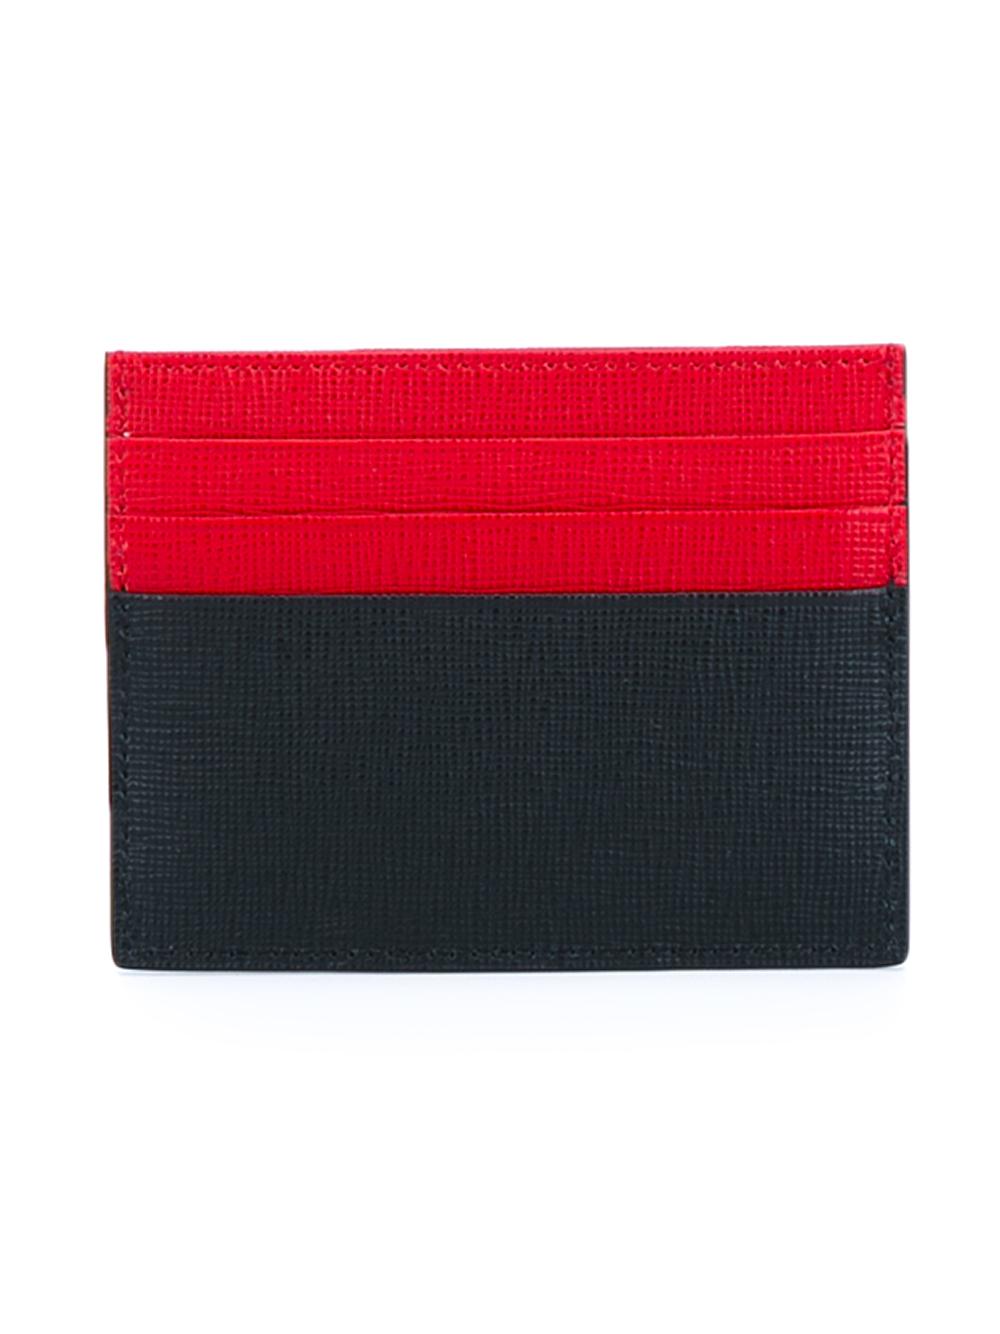 Fendi Card Holder Wallet